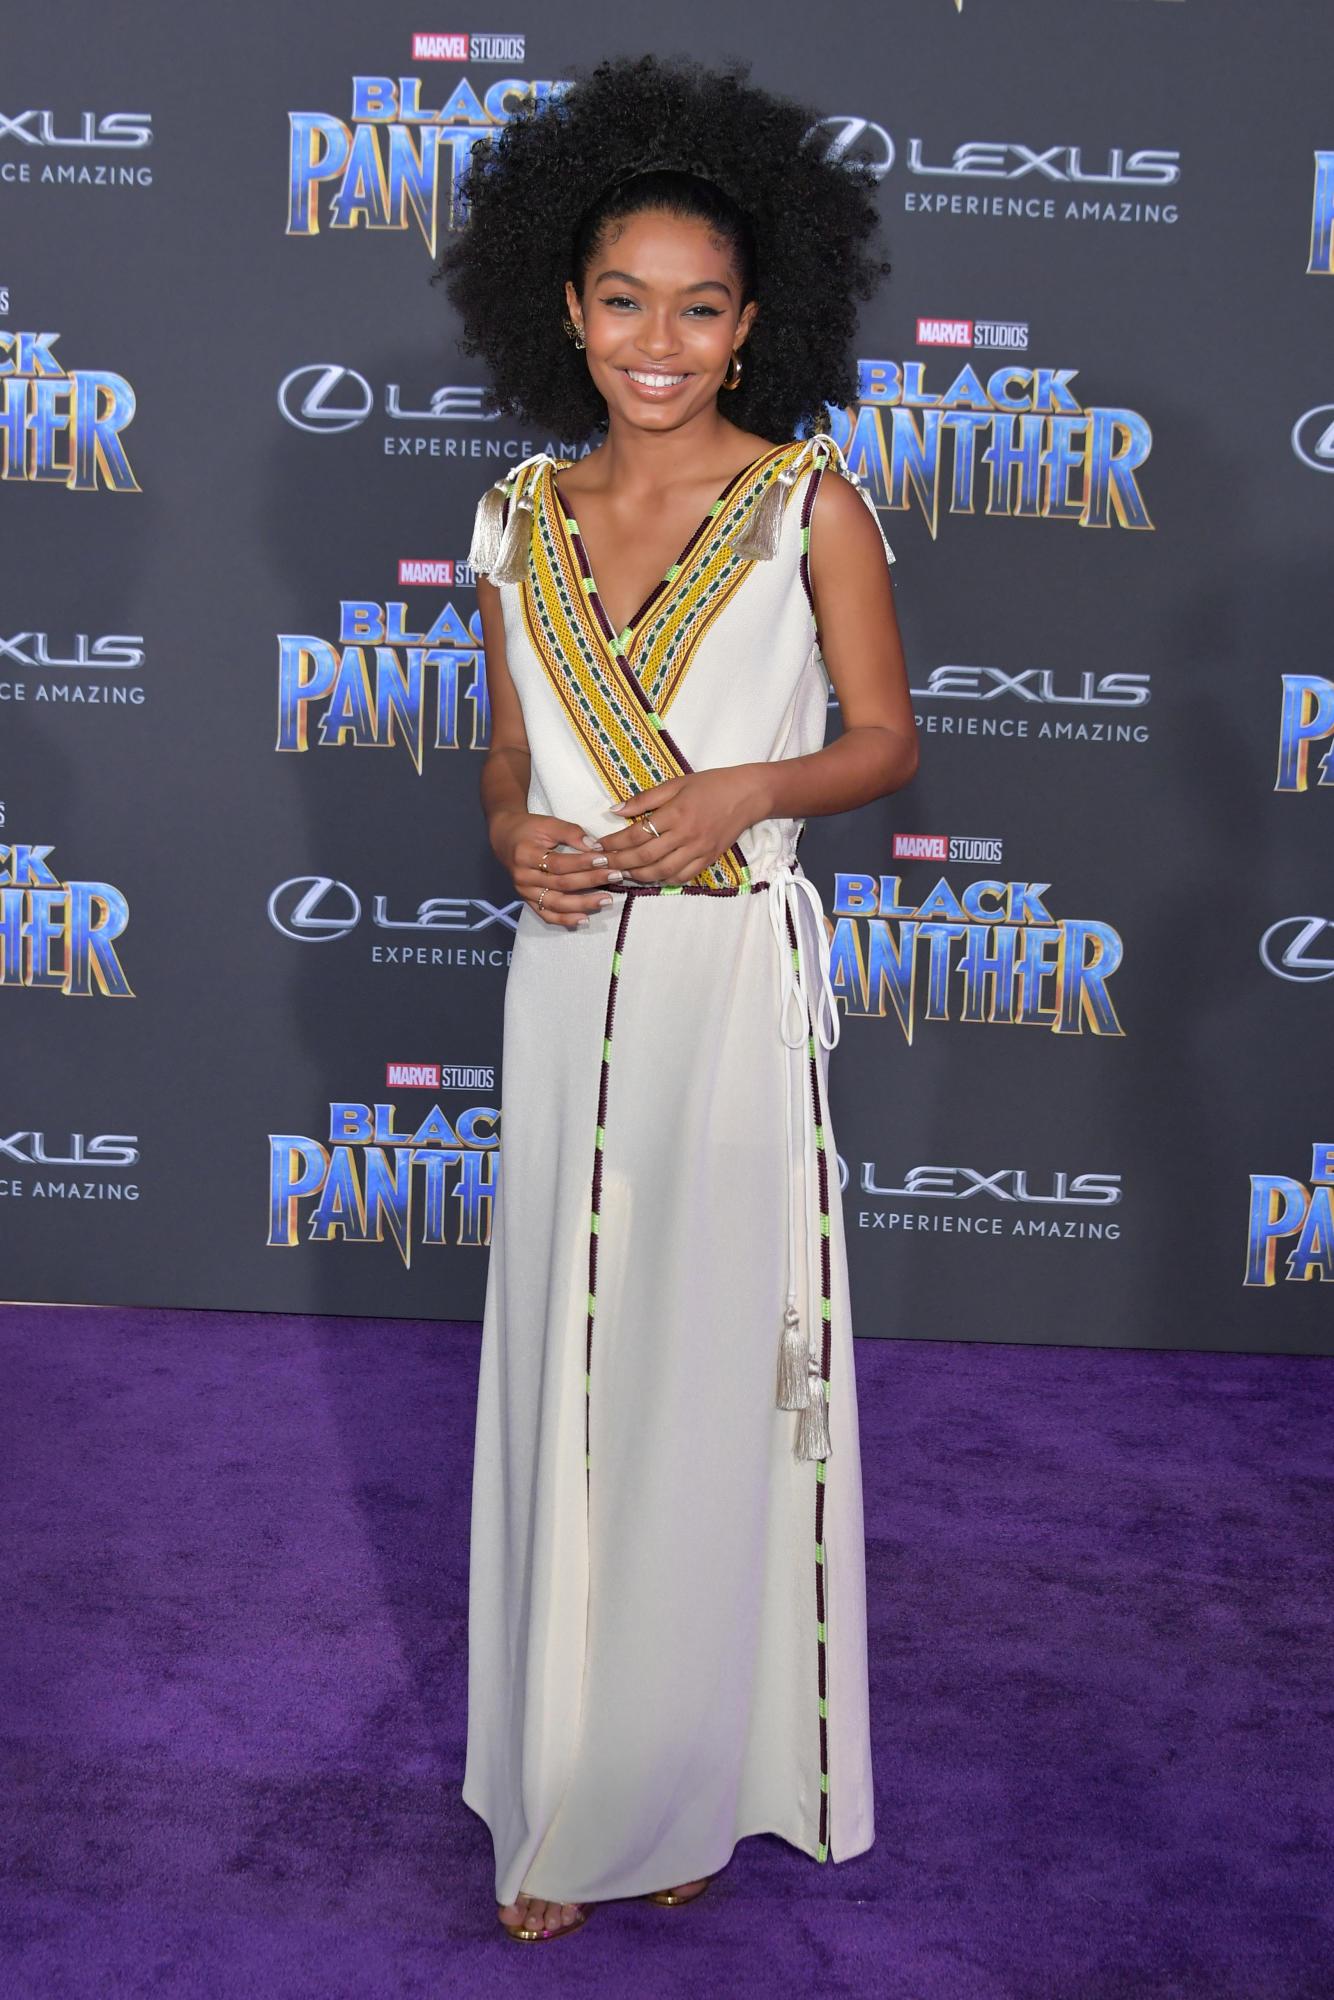 """Sao Black Panther trang phục """"quý tộc"""" tại buổi công chiếu phim 10"""